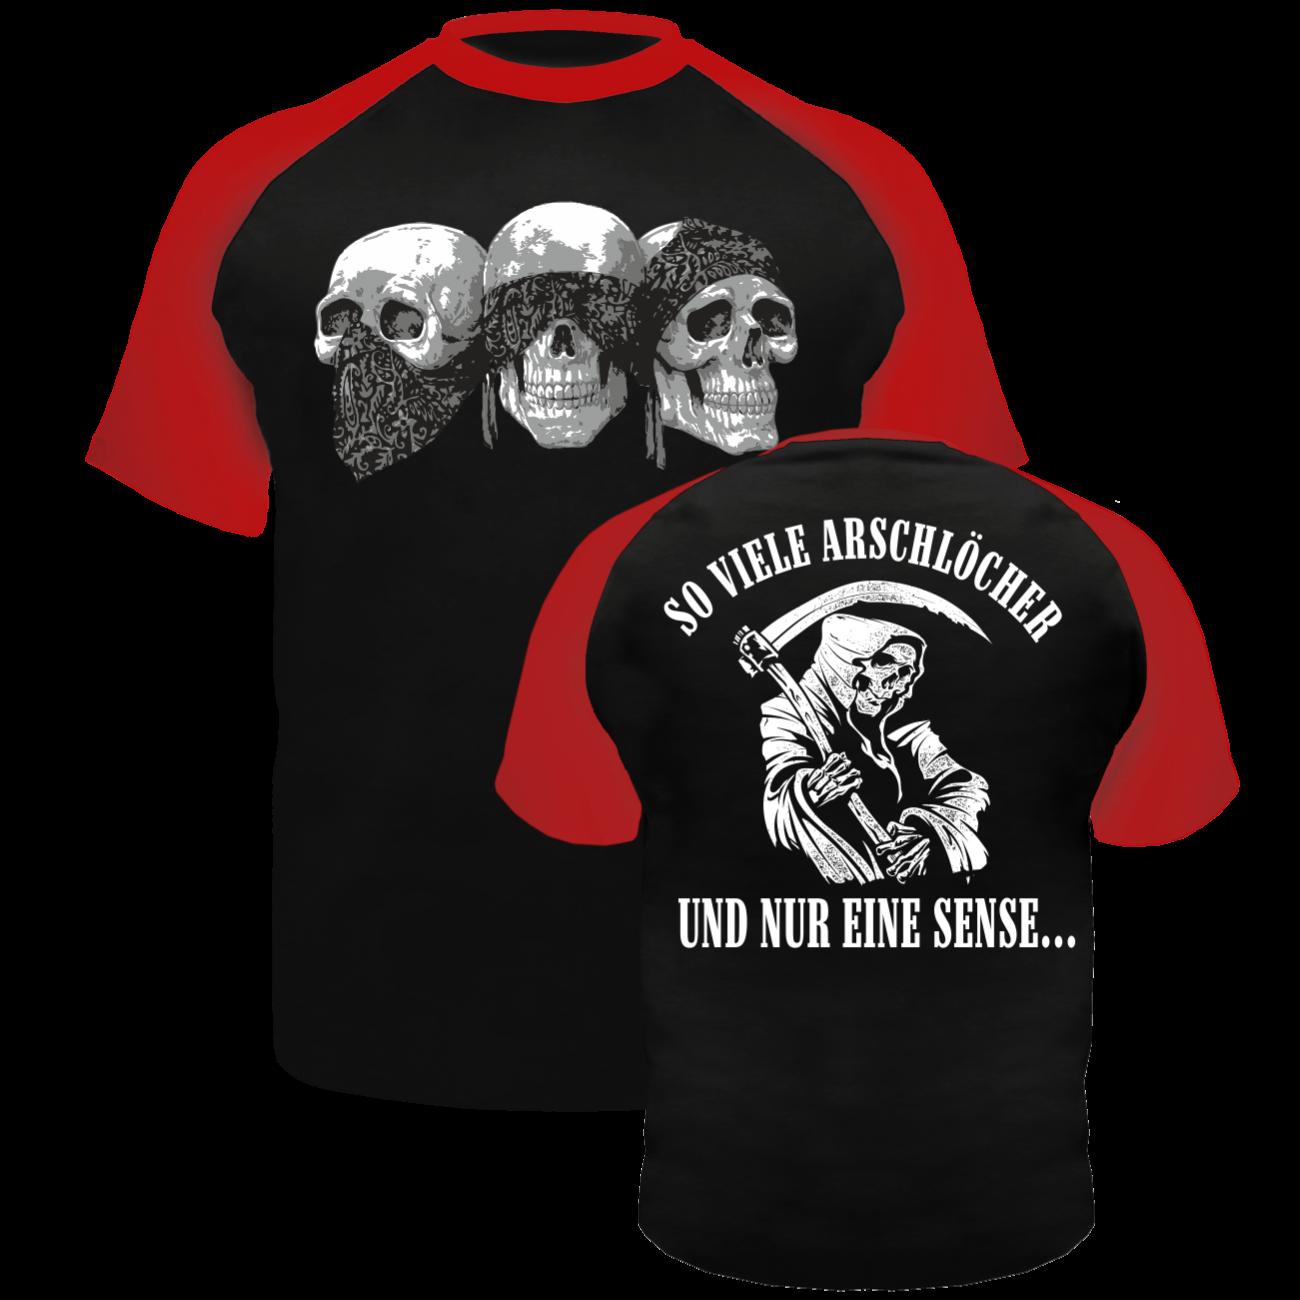 t-shirt so viele arschlöcher und nur eine sense sprüche spruch